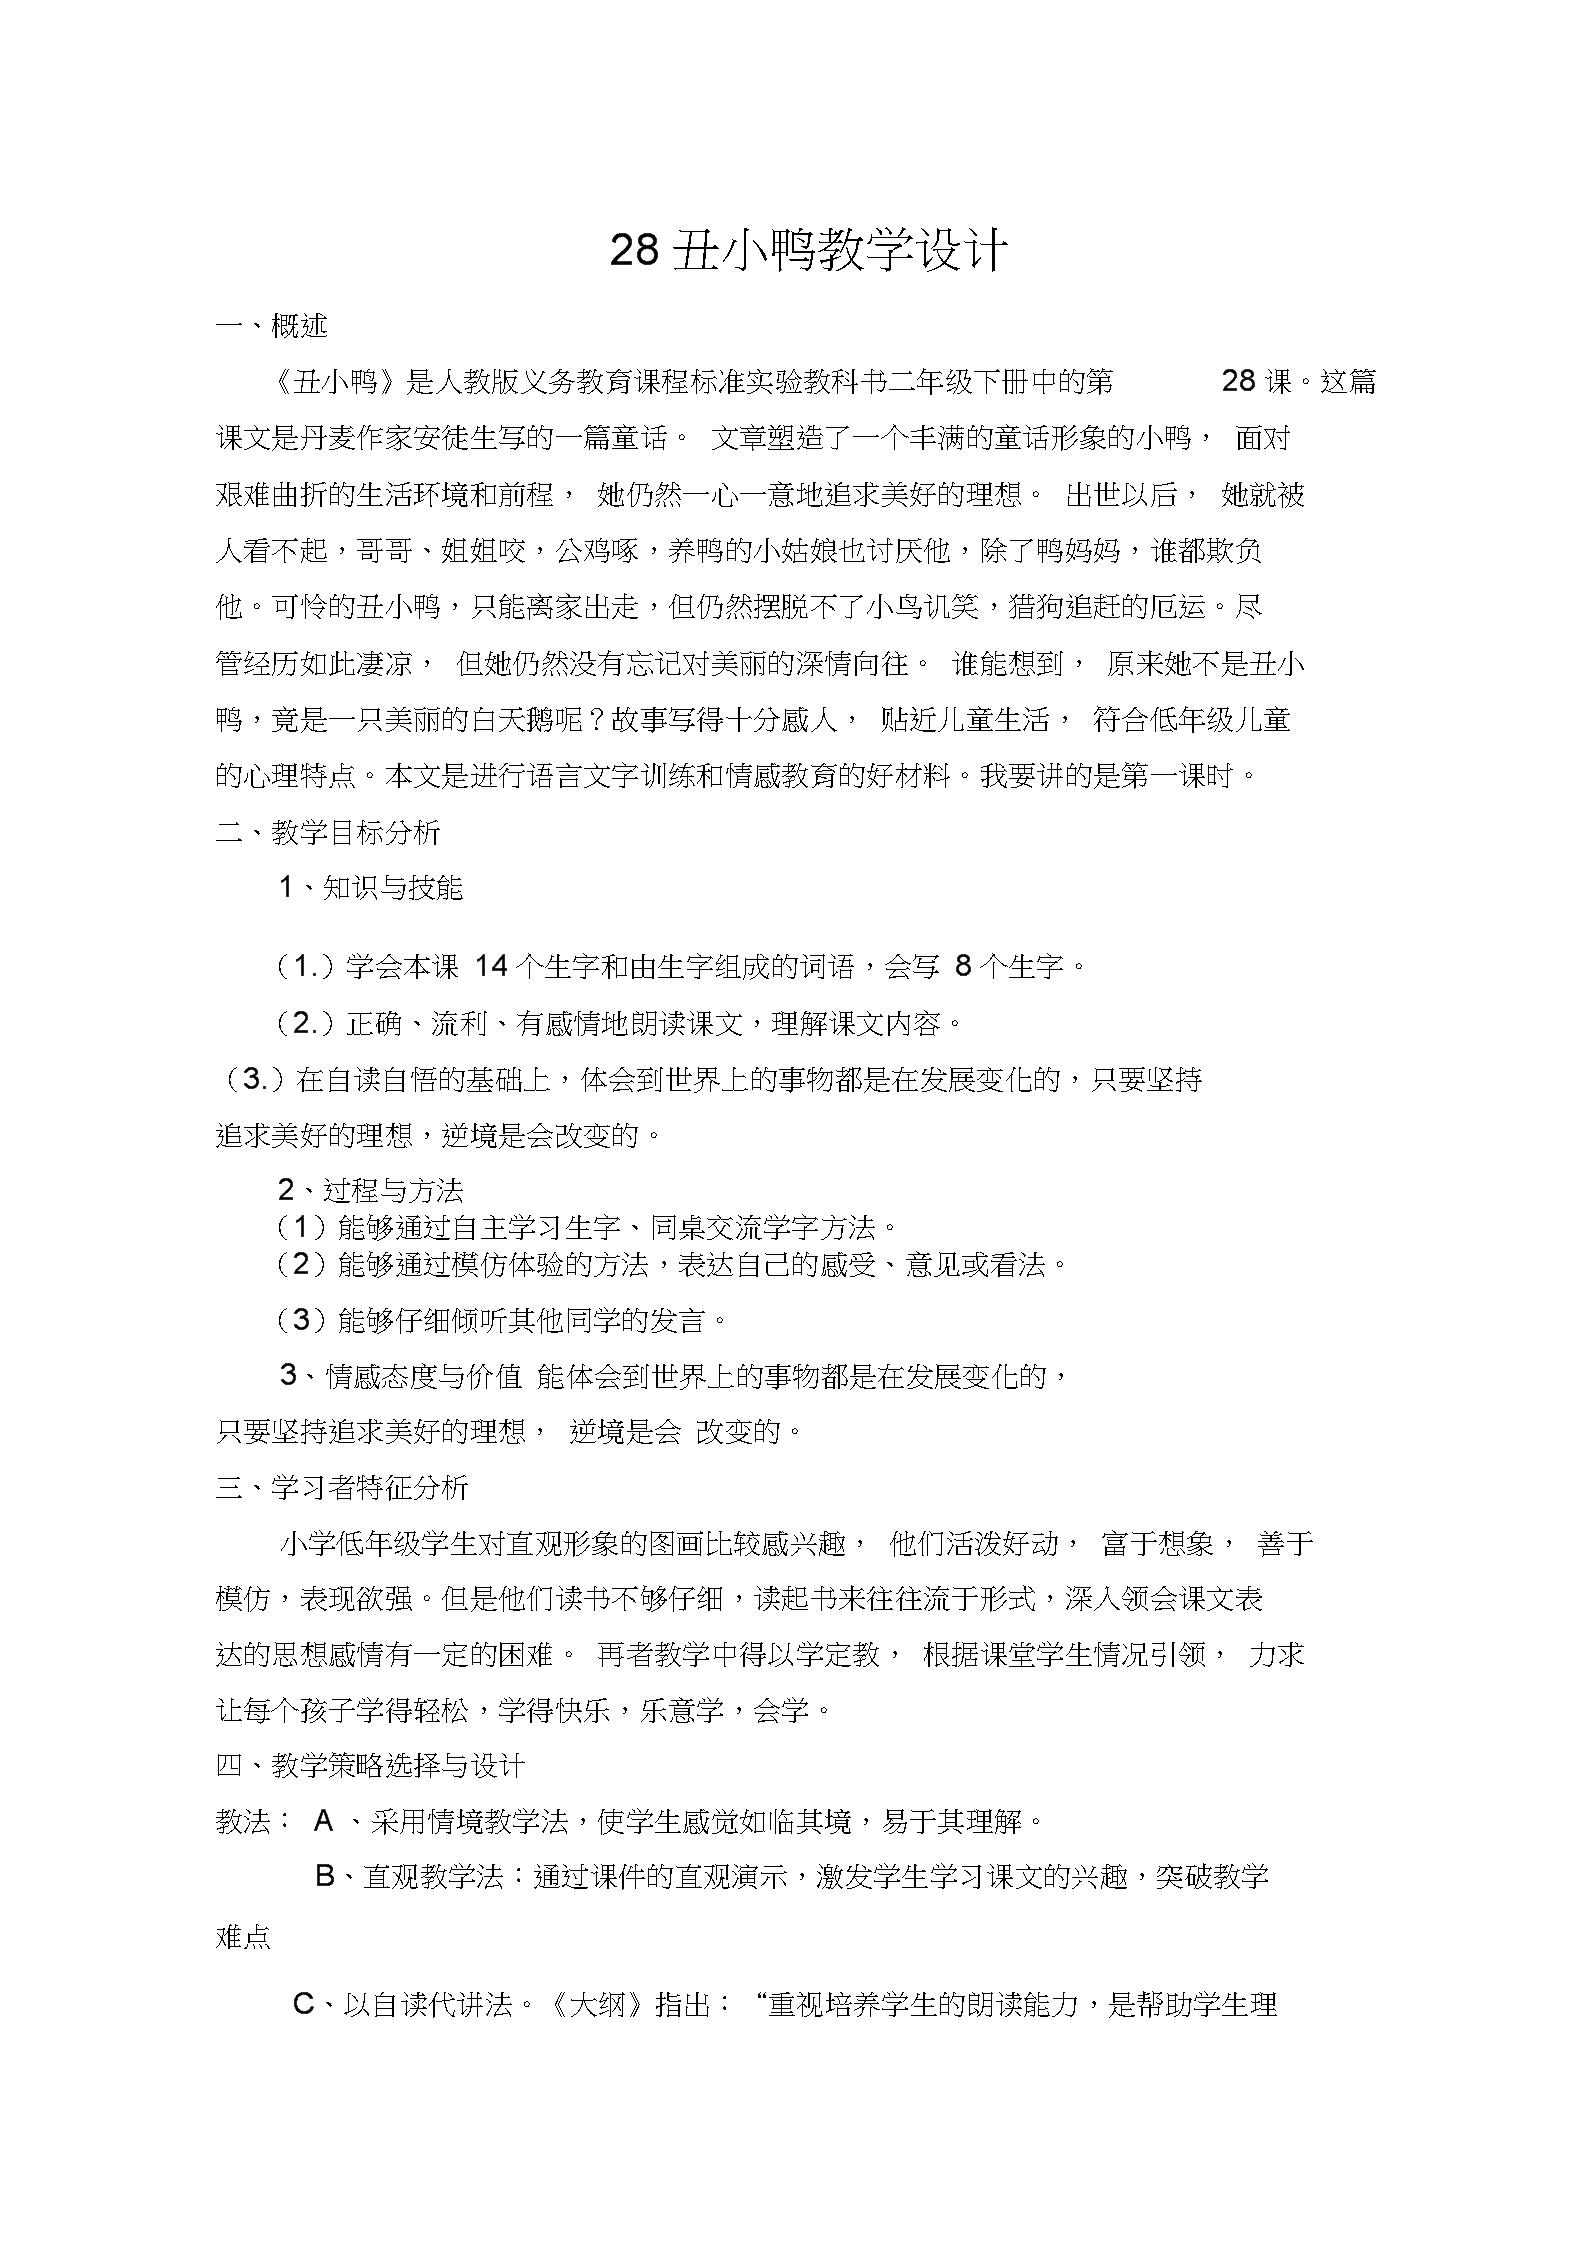 丑小鸭教学设计(2).docx